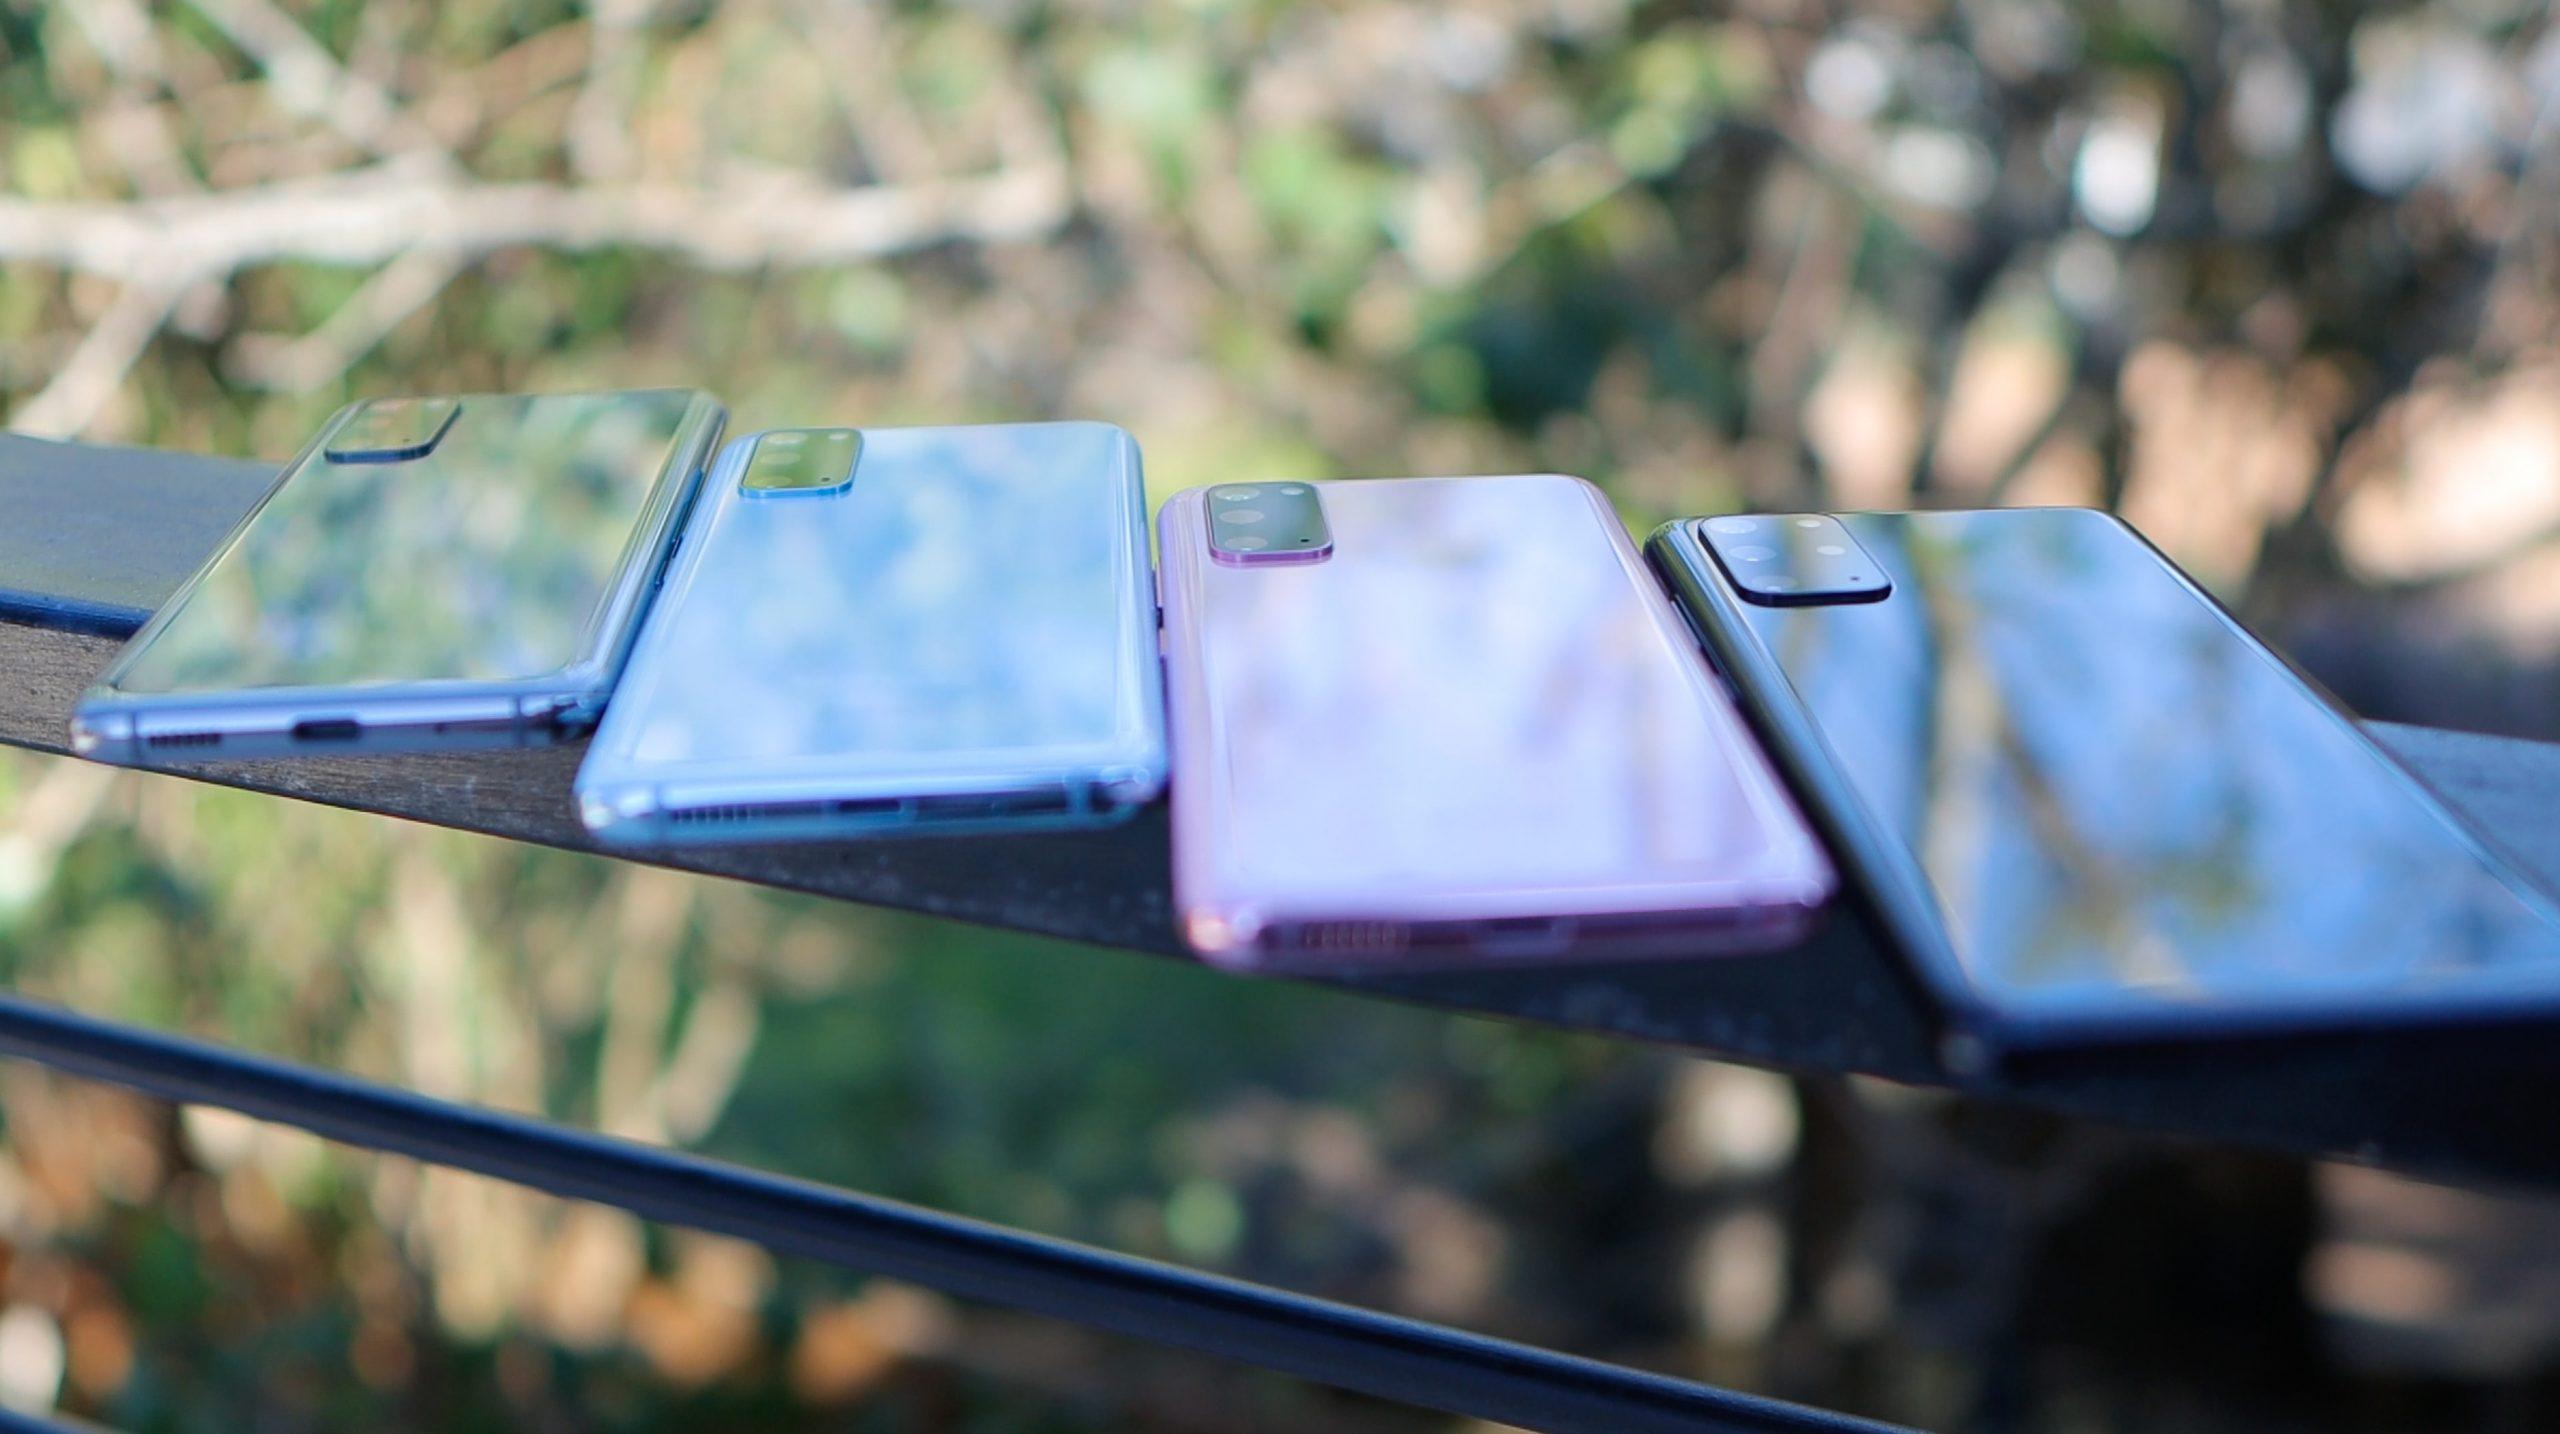 Какие смартфоны предпочли в Мурманской области в 2020 году ? 1